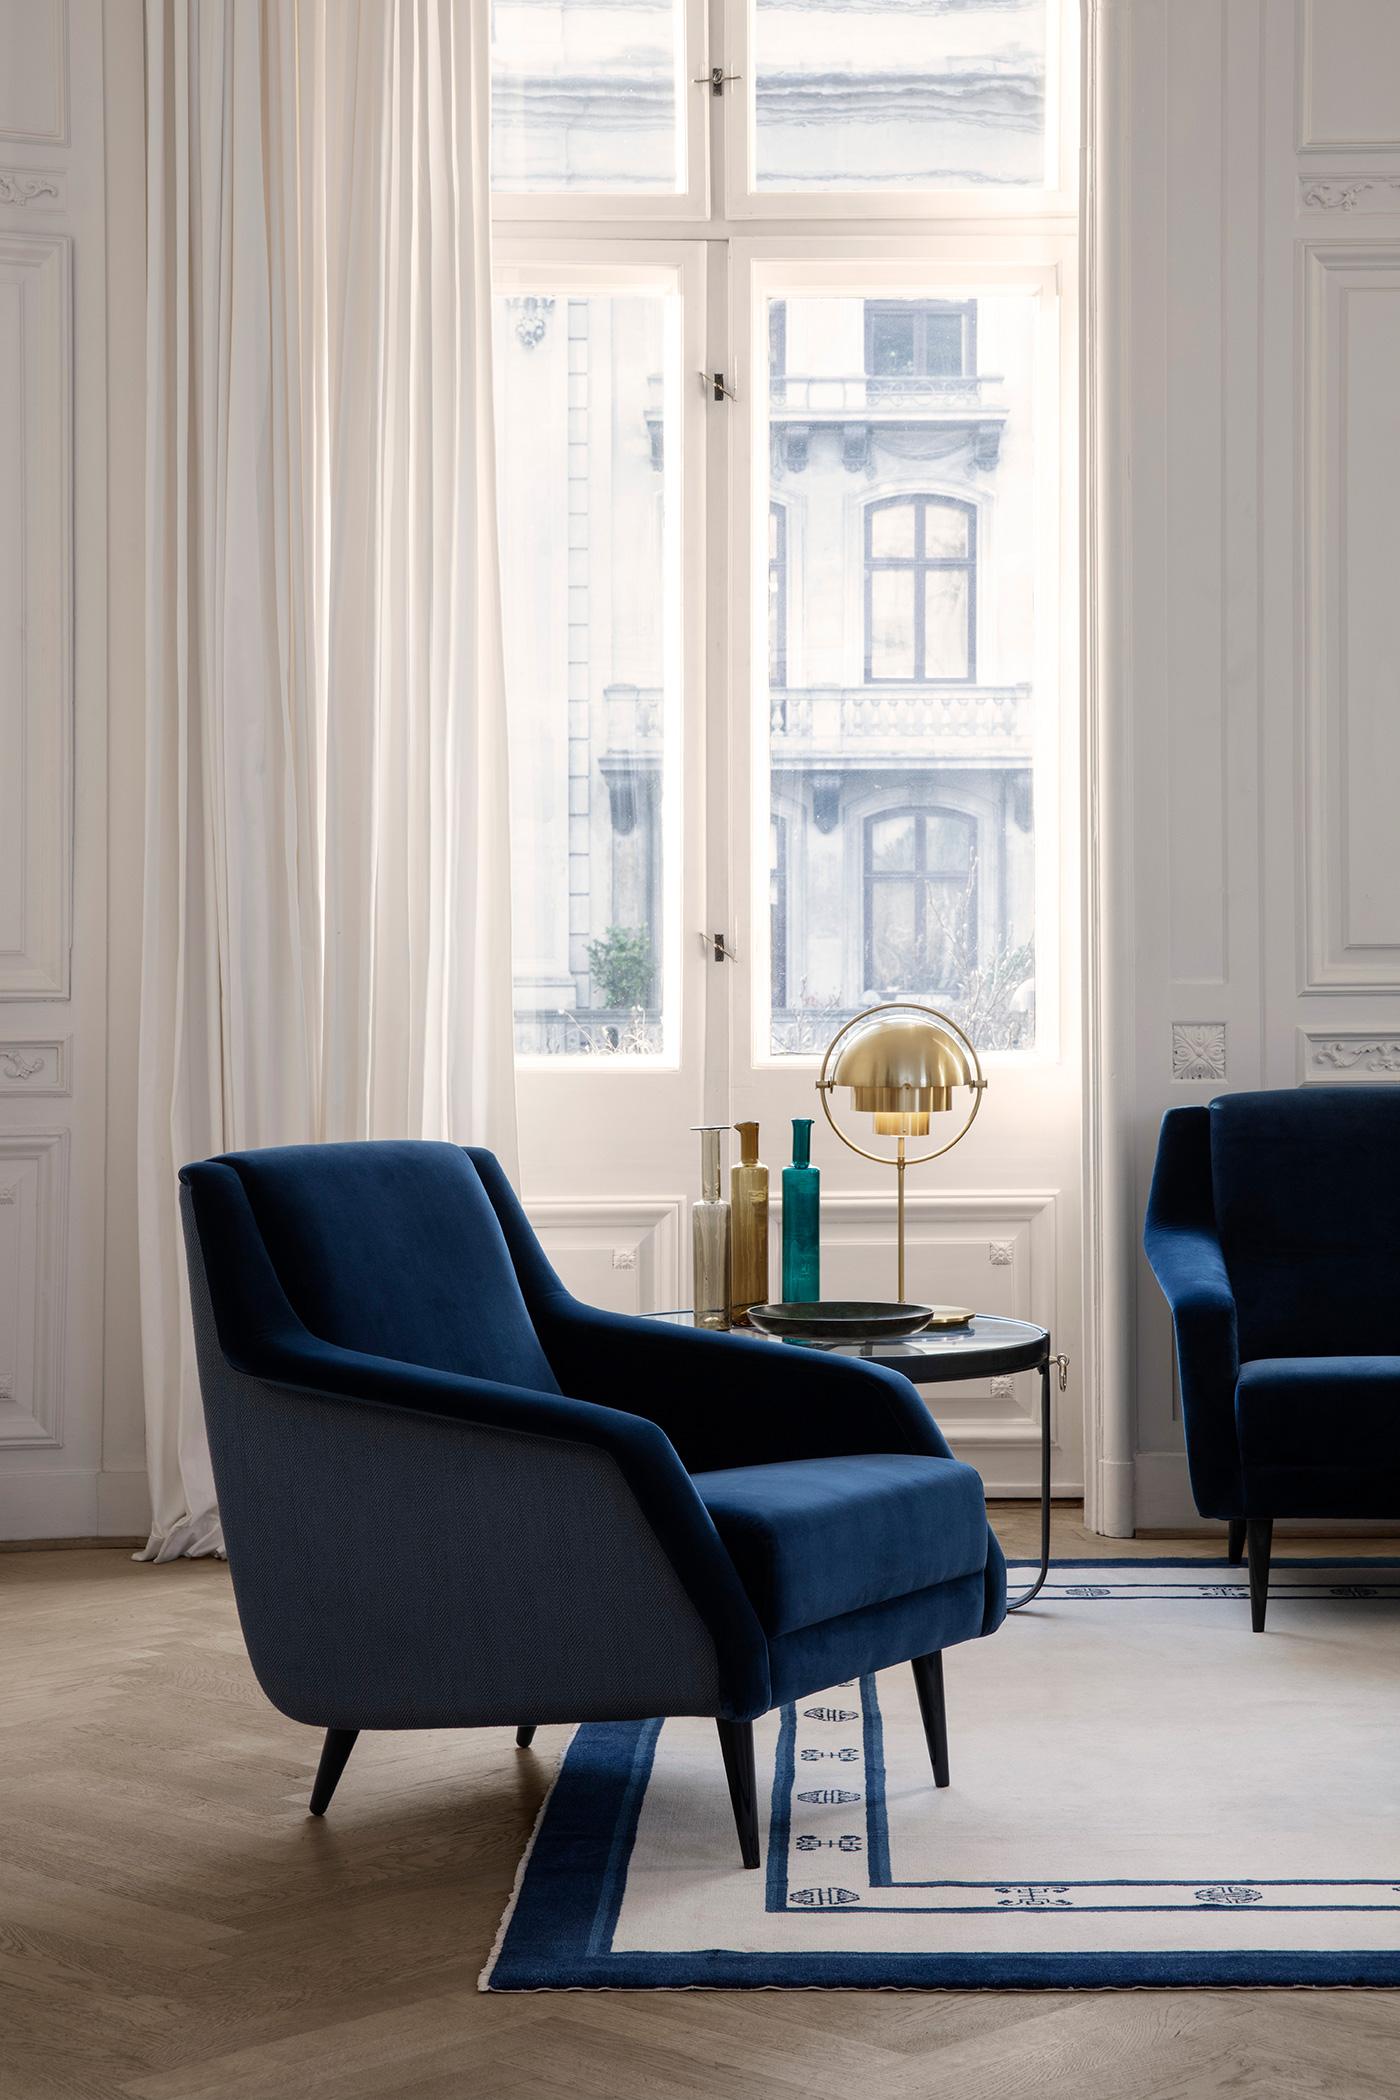 TinnappleMetz-Gubi-CDC1-lounge-chair-01